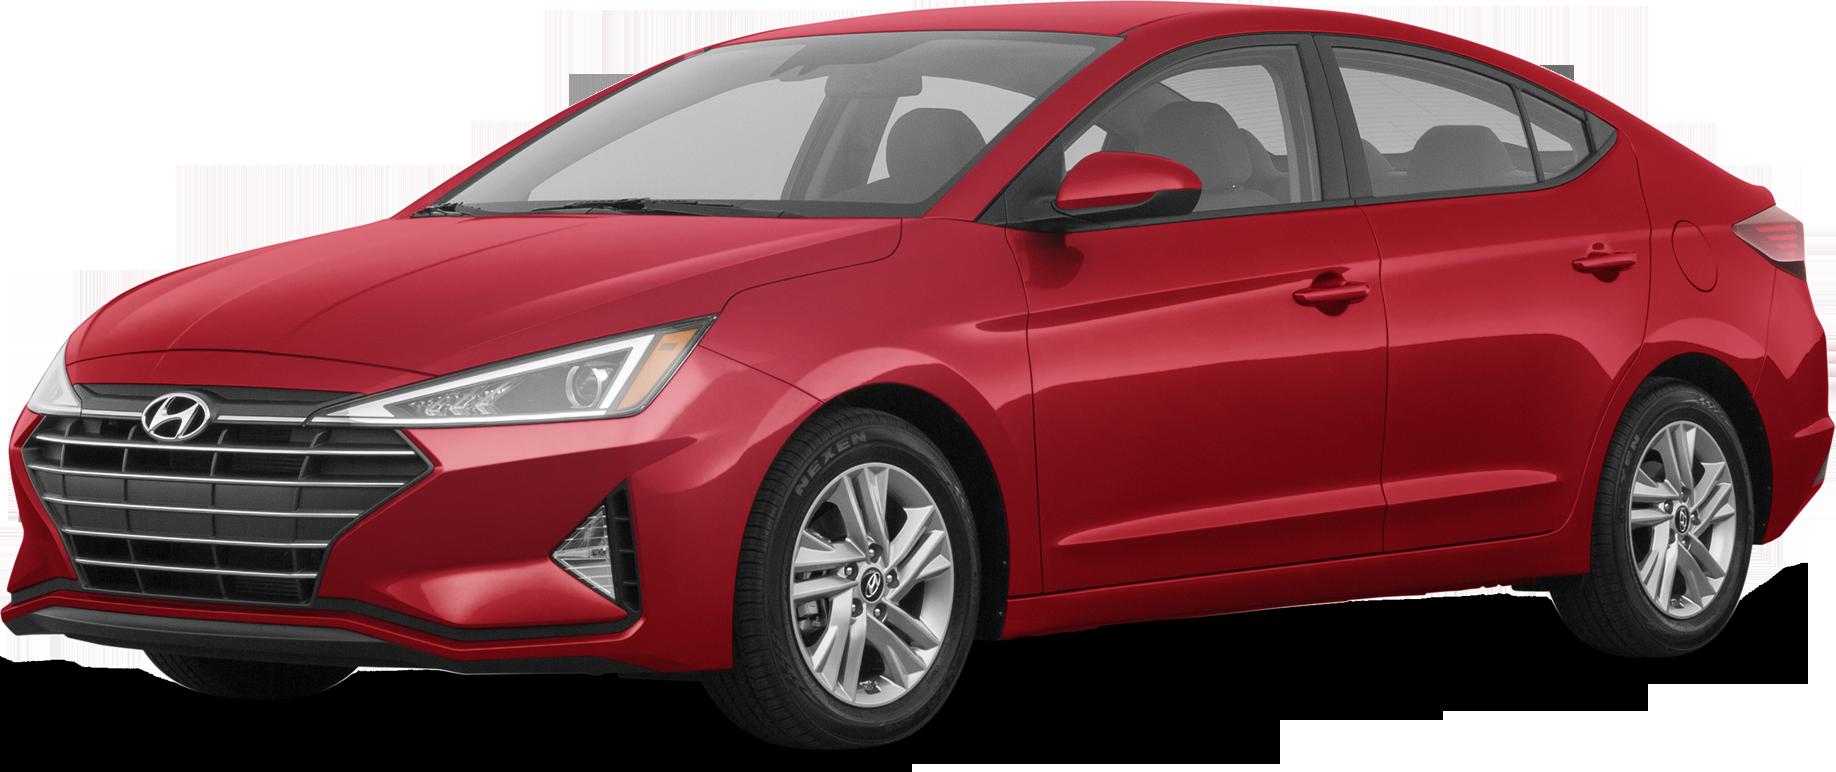 2019 Hyundai Elantra SE Lease Special - IMX Auto Group